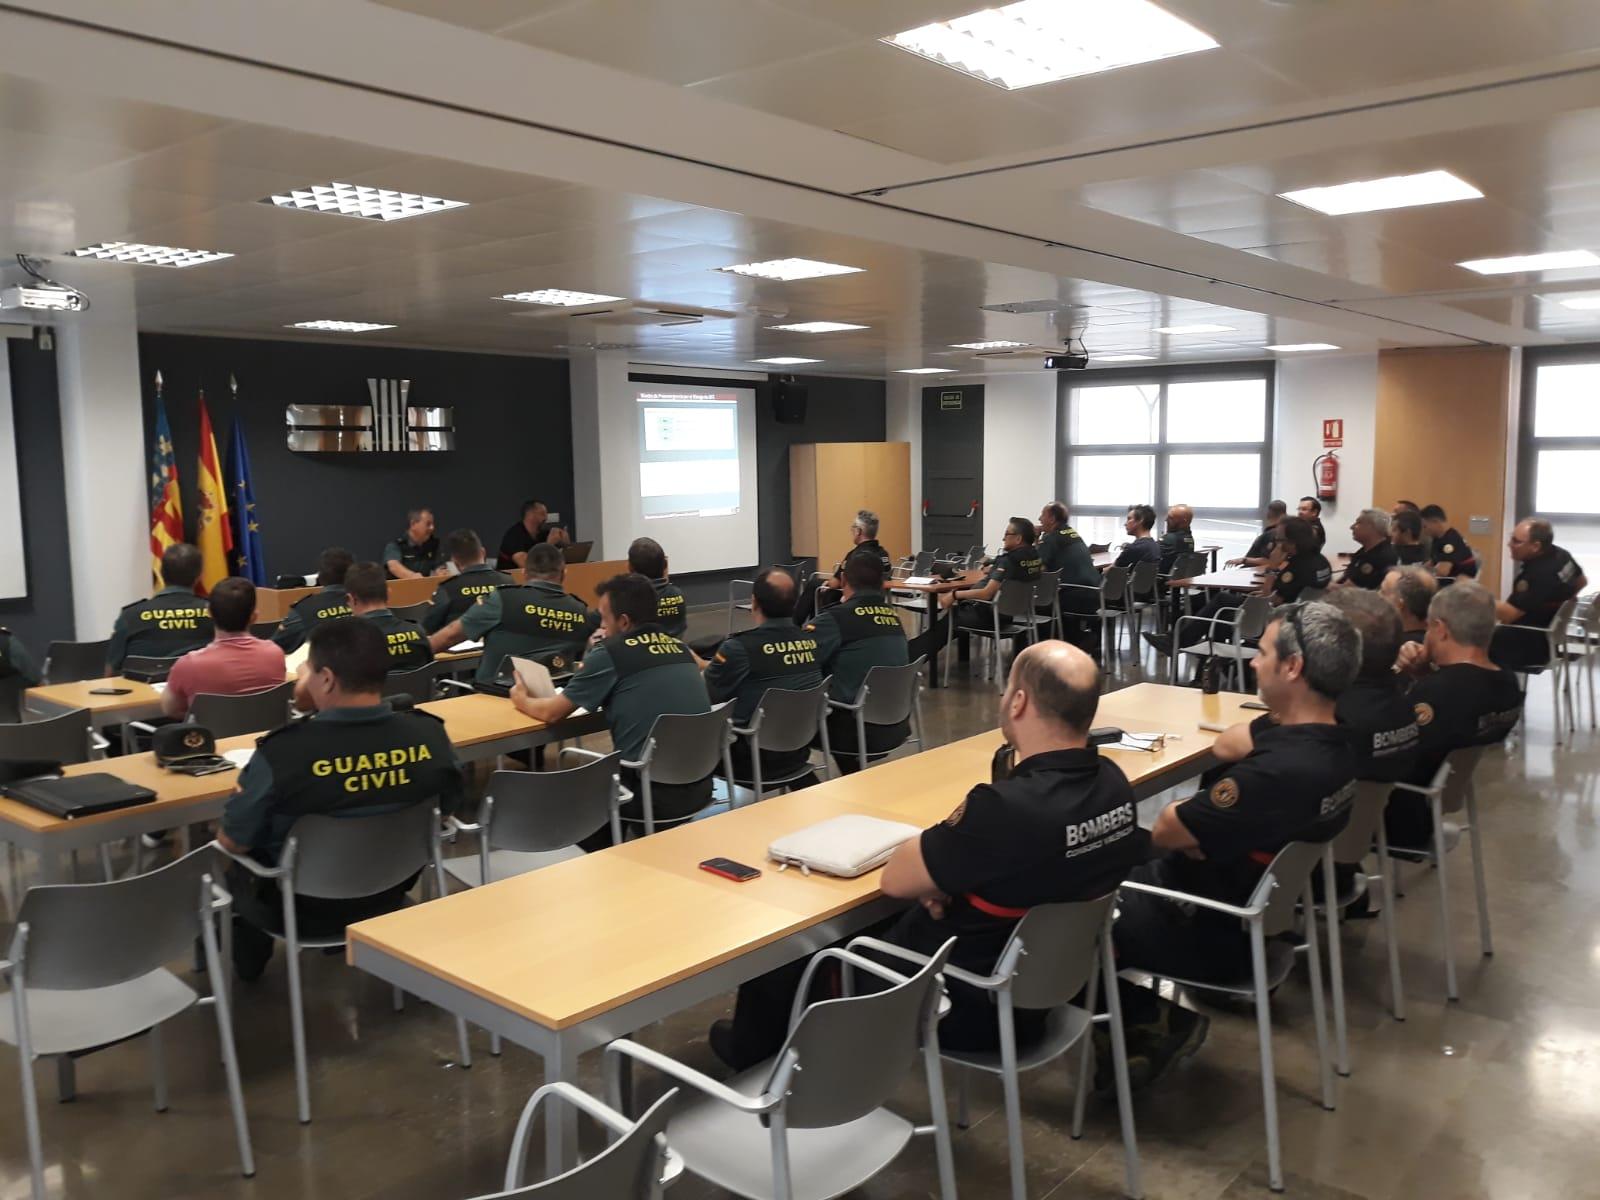 La Guardia Civil de la provincia de Valencia y el Consorcio Provincial de Bomberos tuvieron una reunión el pasado 26 de junio con el objetivo principal de prevenir los incendios forestales en la provincia de Valencia.